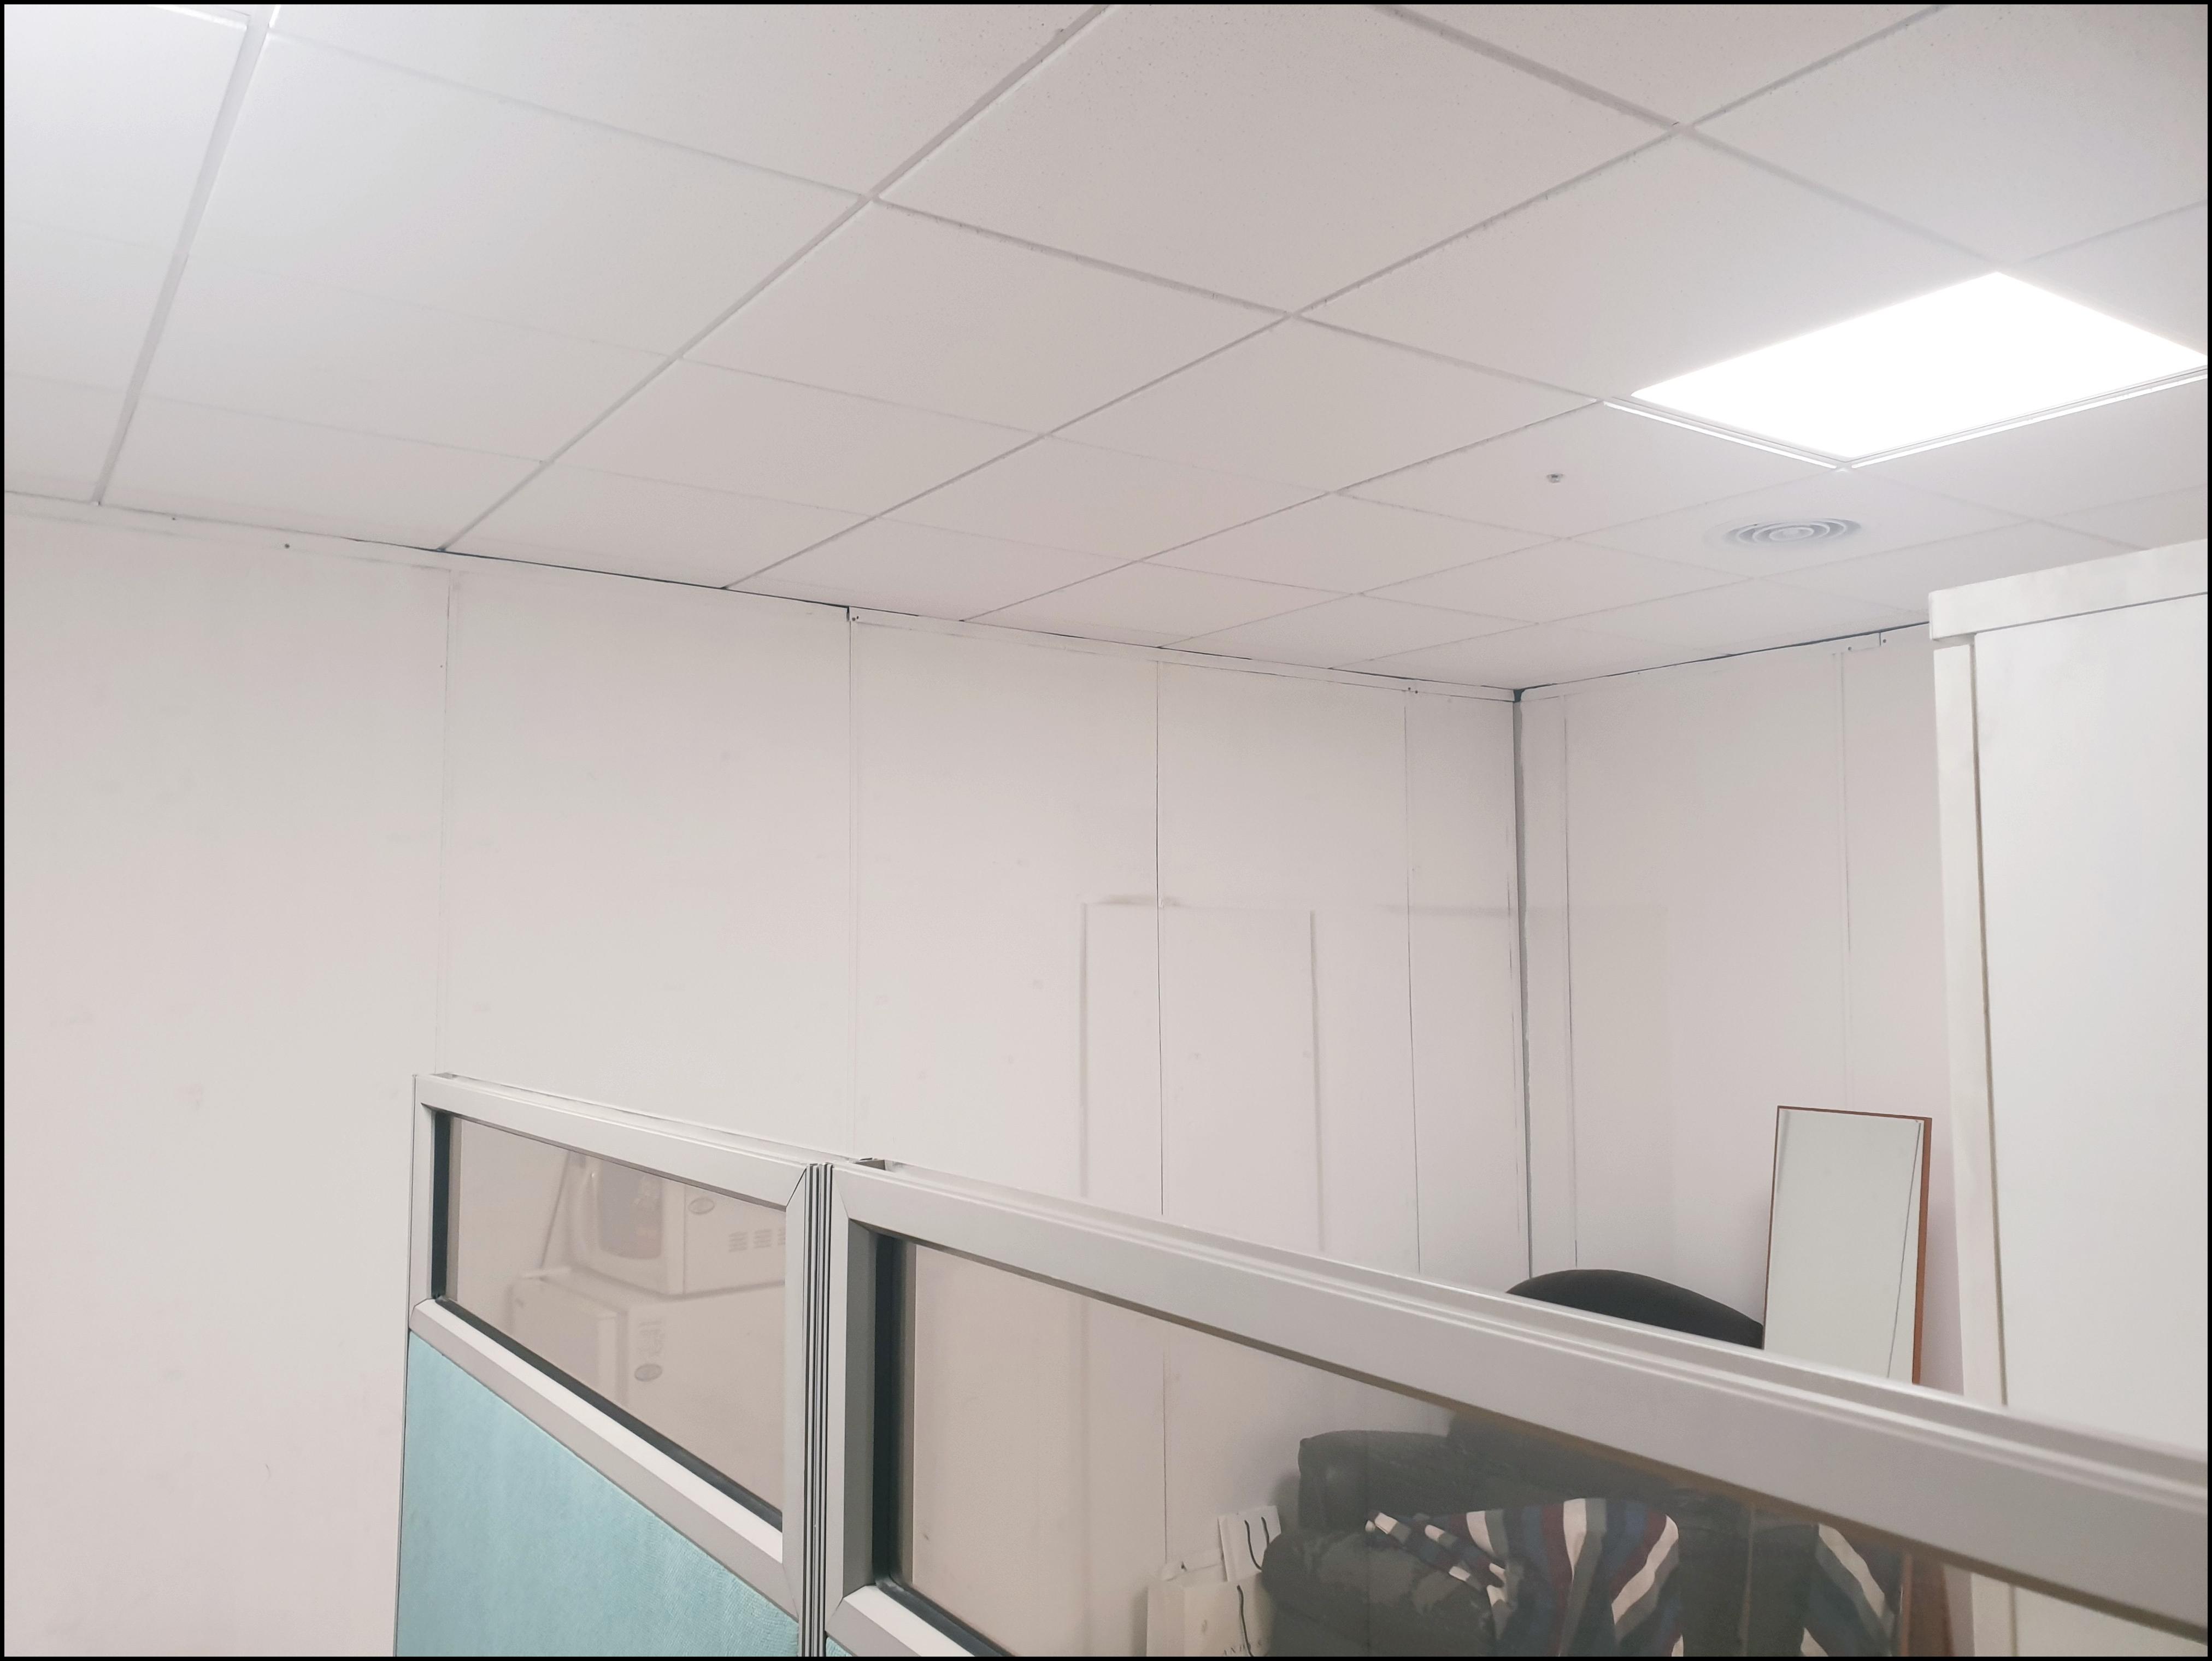 4 번째 사진 제2종 근린생활시설 에  연면적 ㎡ 일반 사무실 건물 석면조사 현장